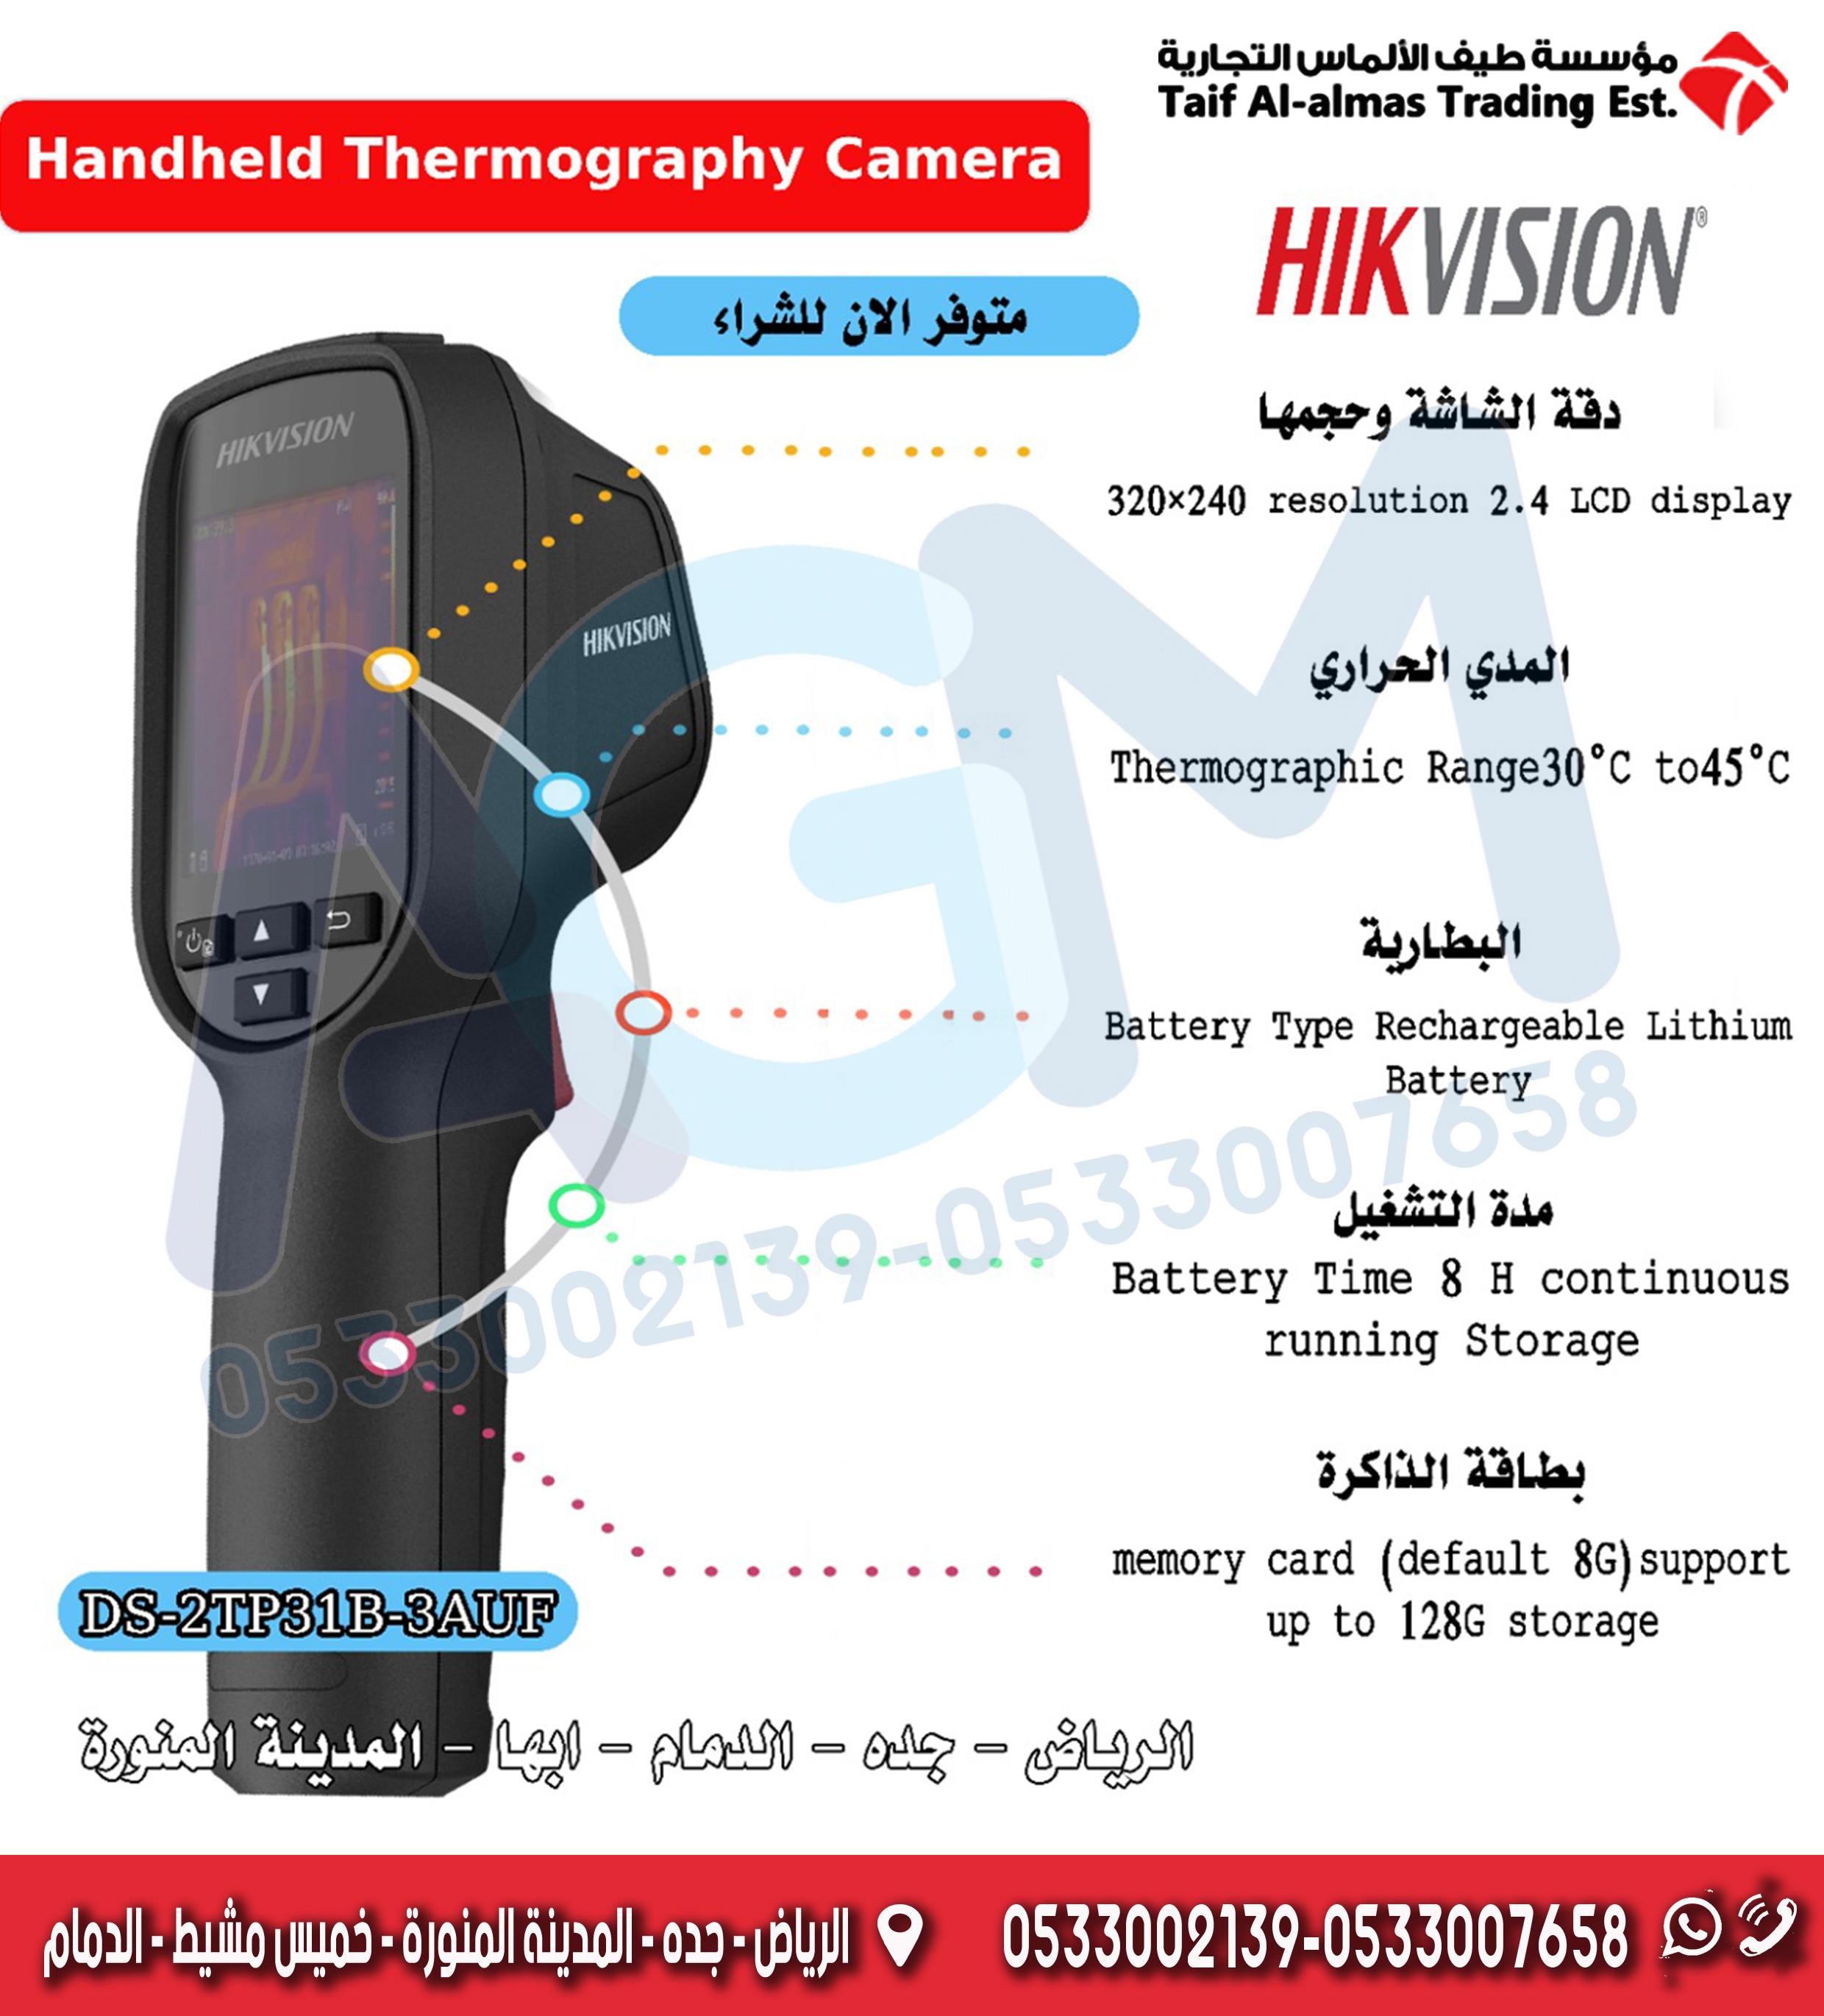 كاميرا قياس درجة حرارة الجسم الحرارية Hikvision Thermographic Handheld